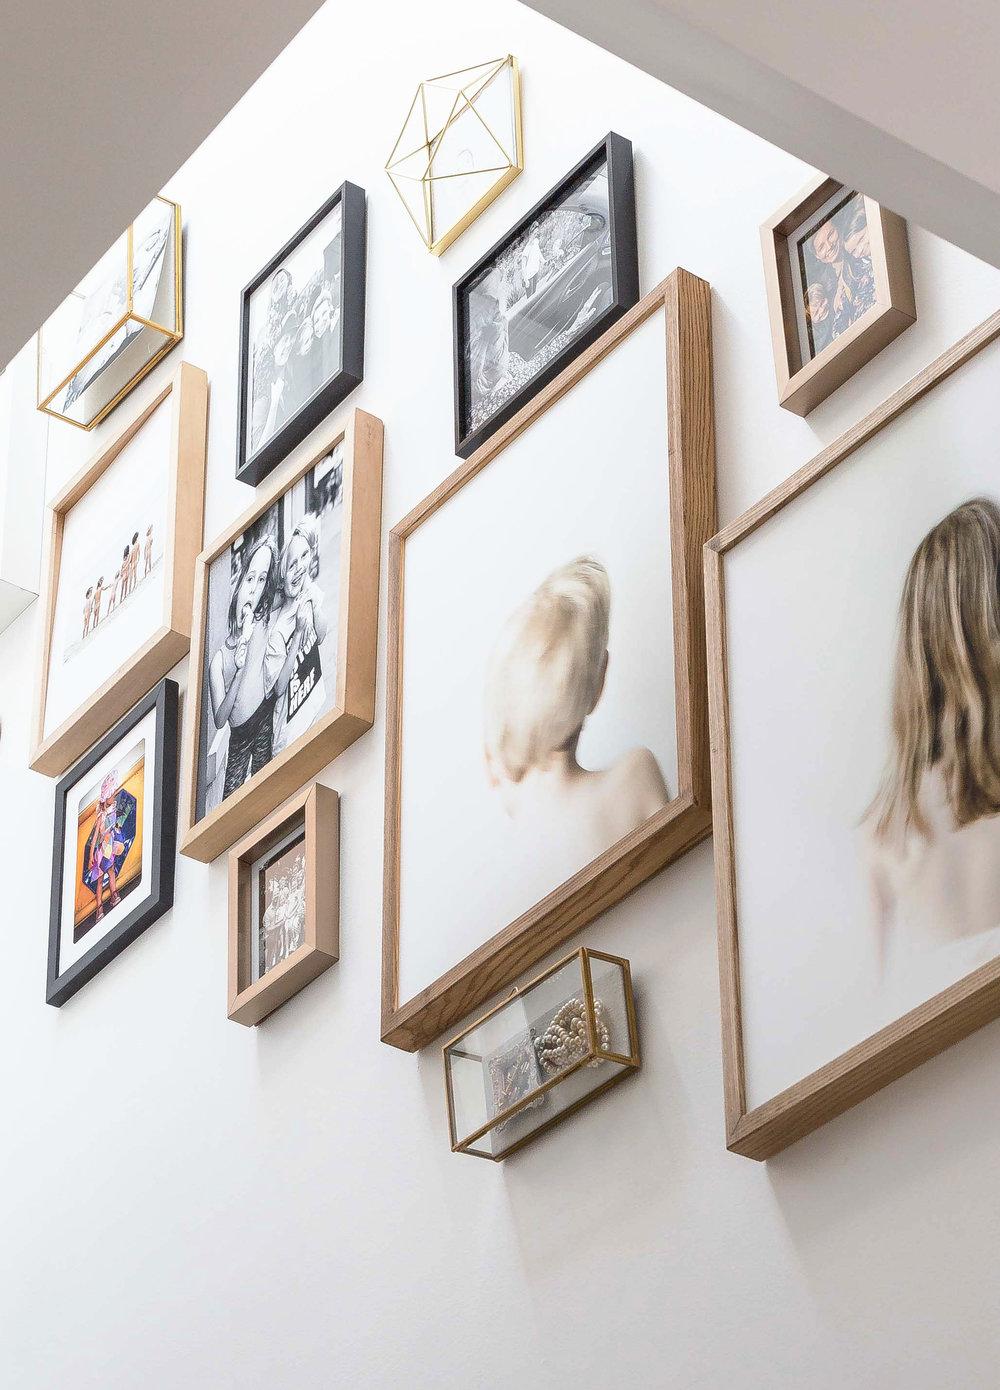 GalleryWall_GrantSt_WestElmShadowBoxes.jpg